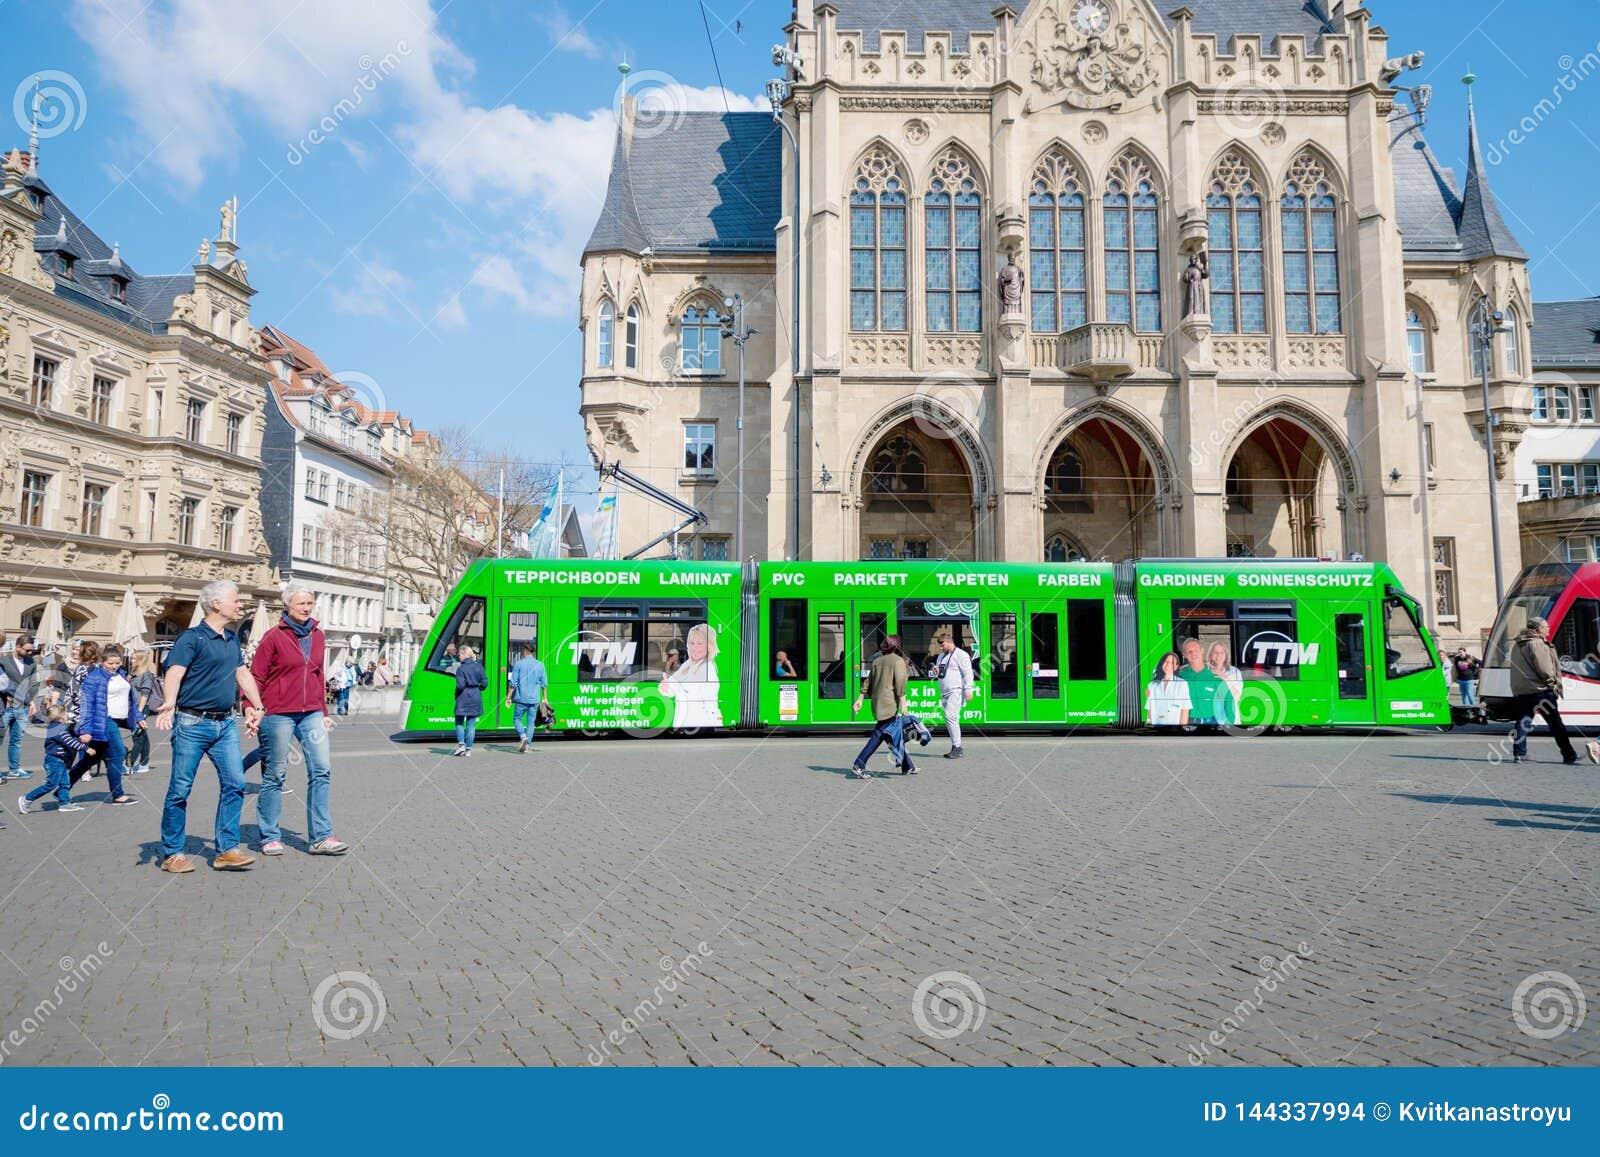 Эрфурт, Германия 7-ое апреля 2019 Красивая старая архитектура и современный зеленый трамвай в центре города